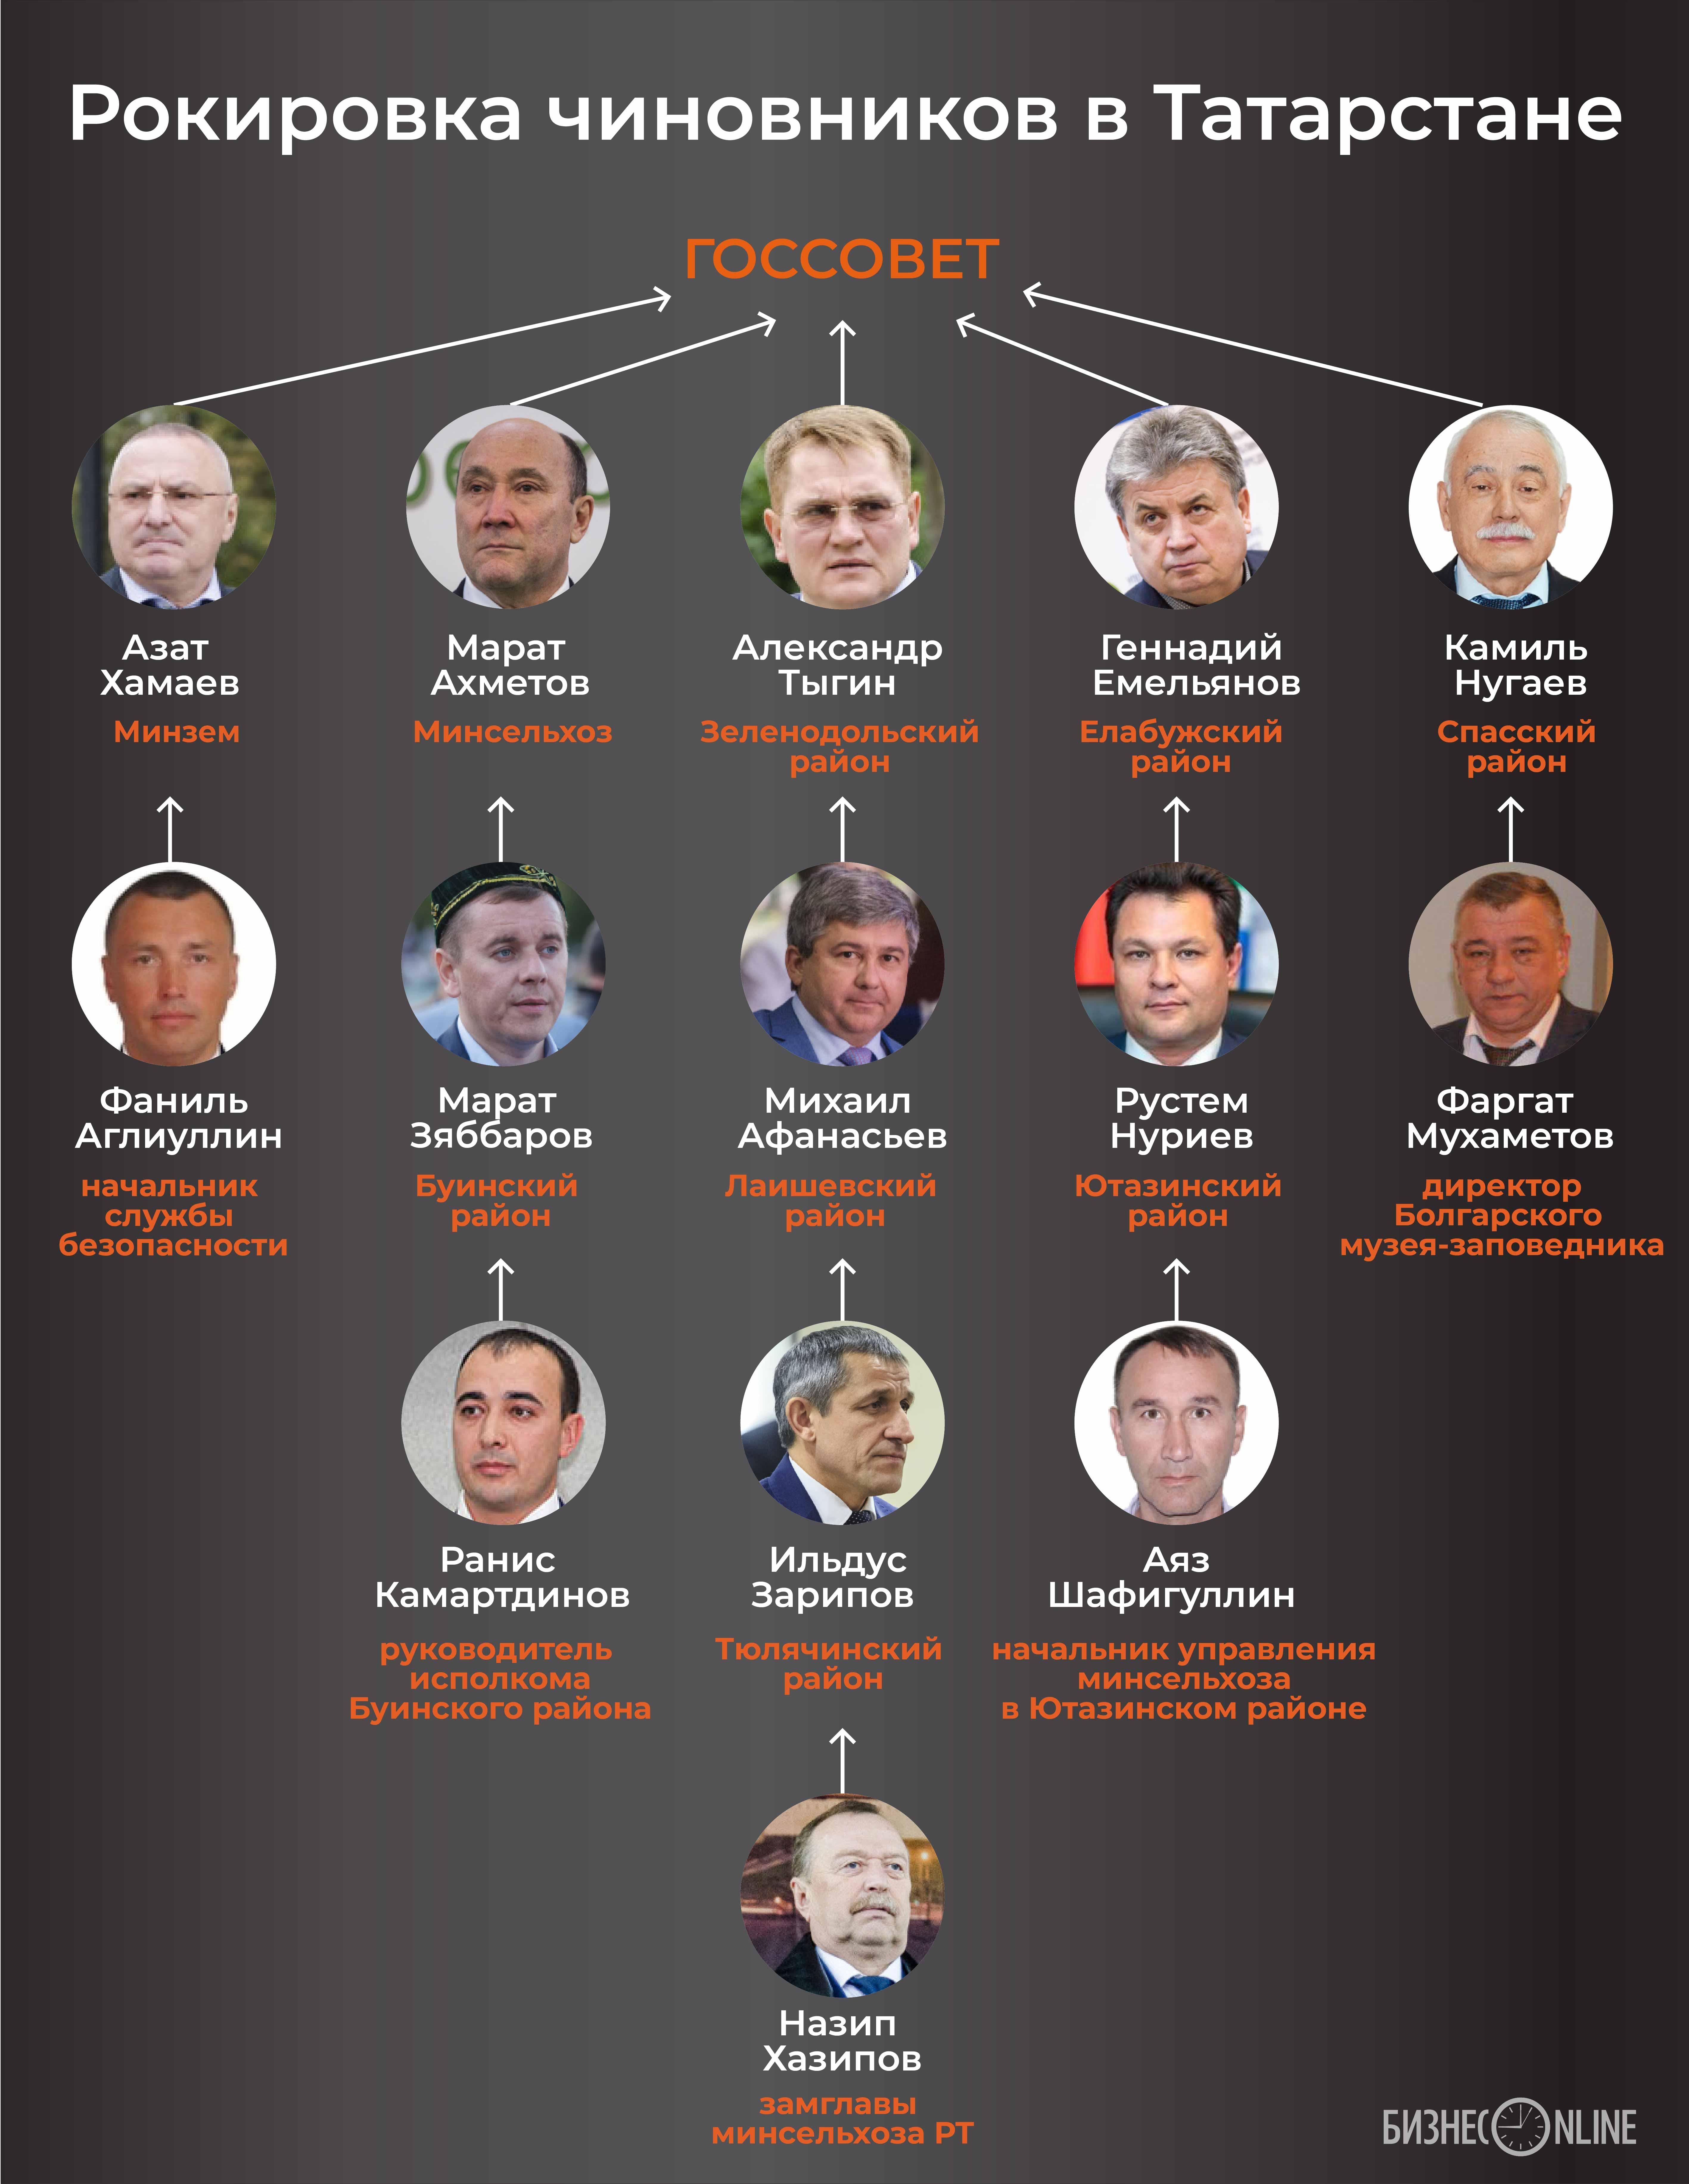 Новые рокировки во власти Татарстана в одной картинке